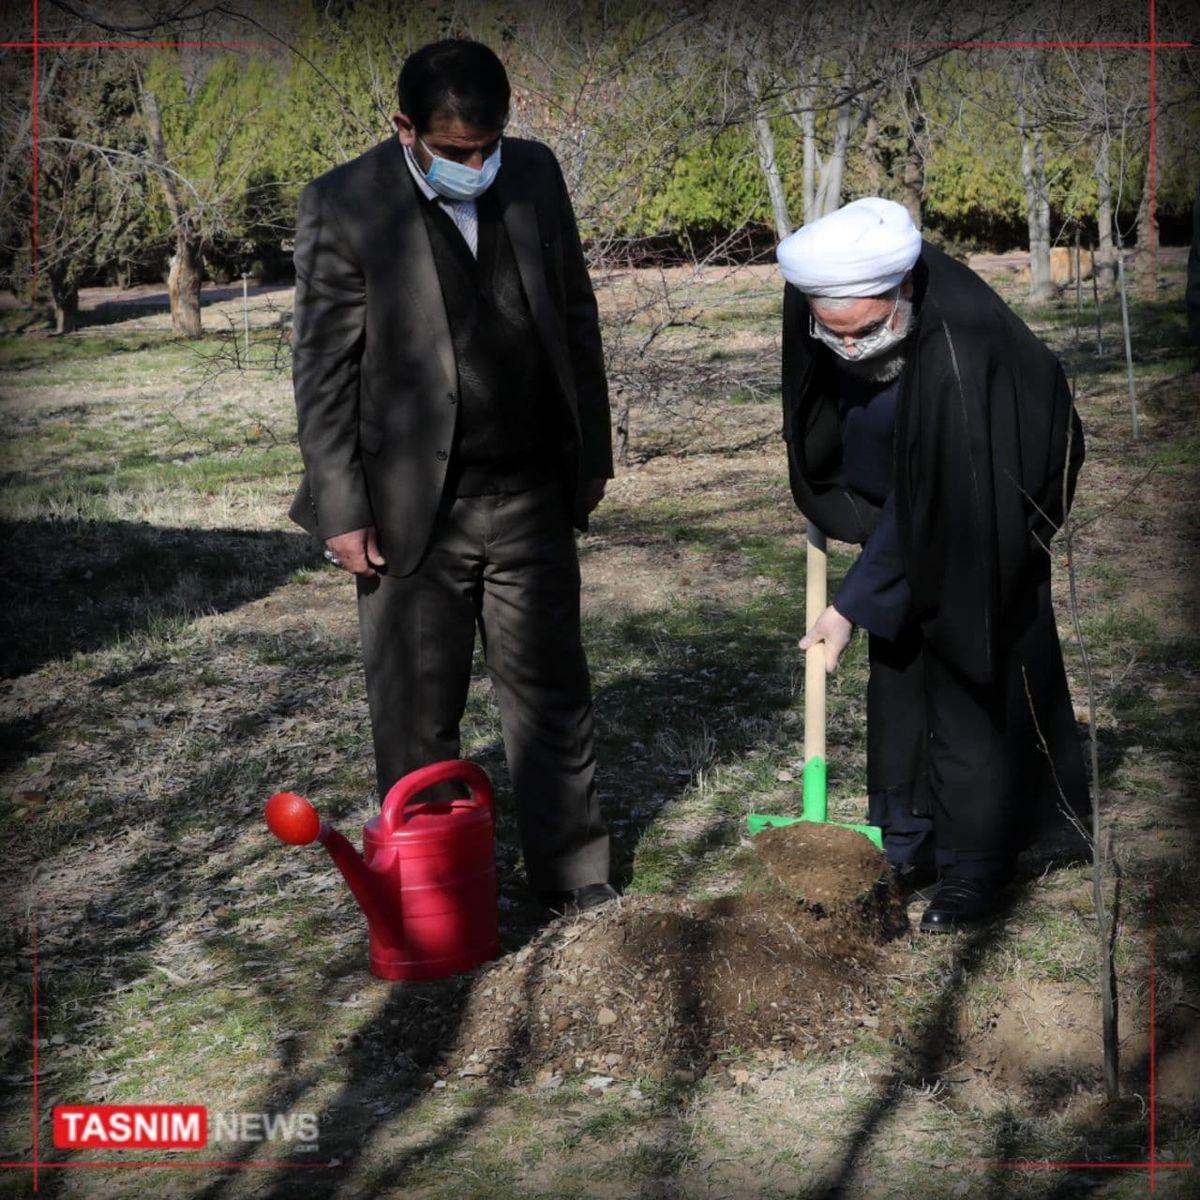 روحانی یک نهال سیب در باغ گیاهشناسی غرس کرد +عکس